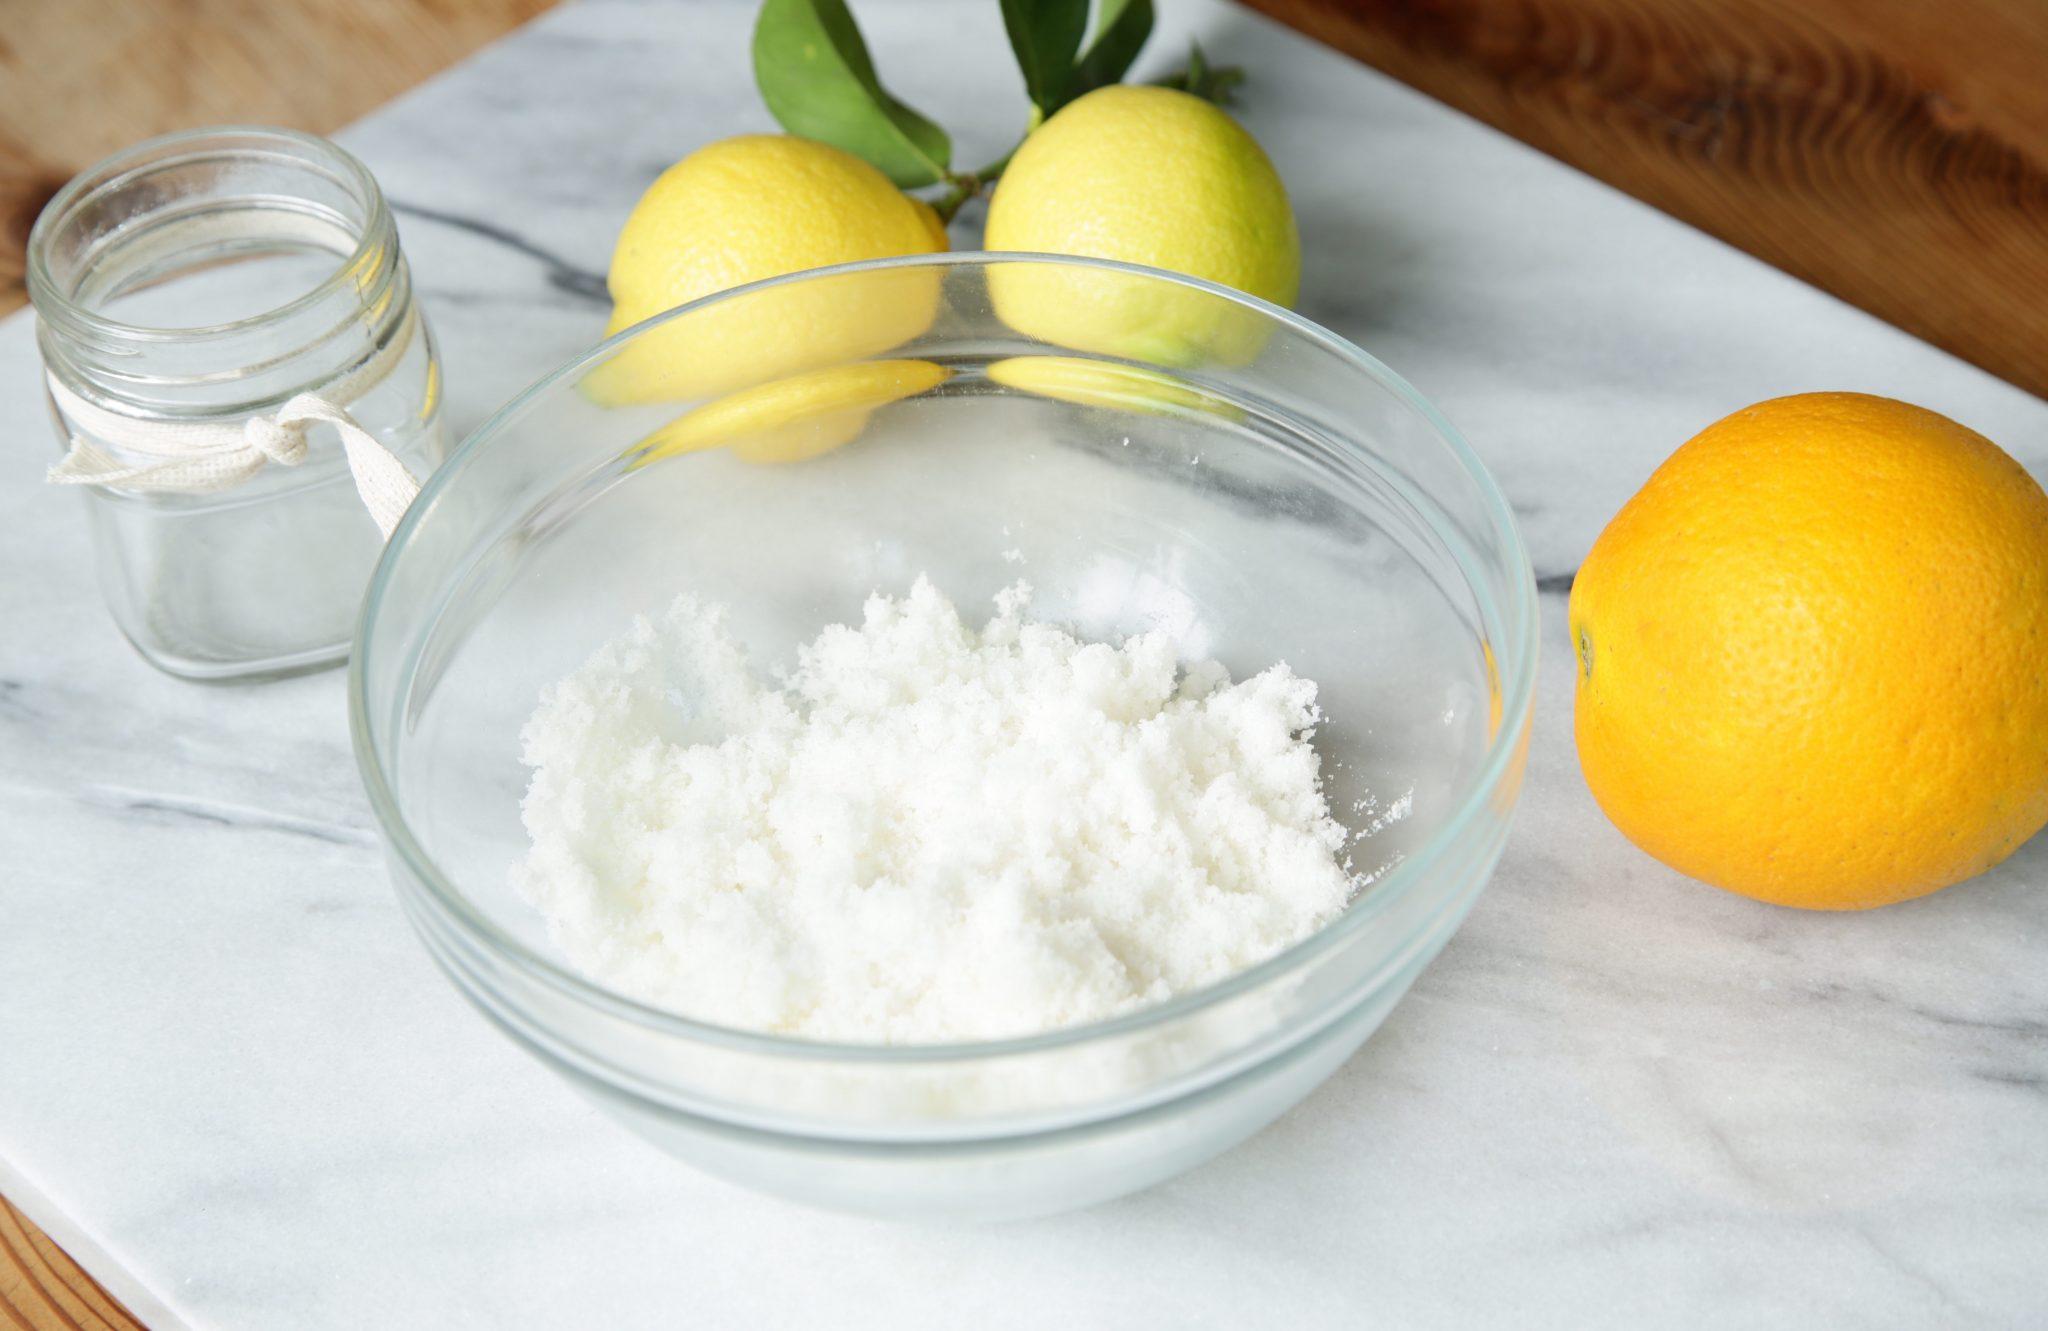 DIY Lemon Sugar Scrub | Rockwell